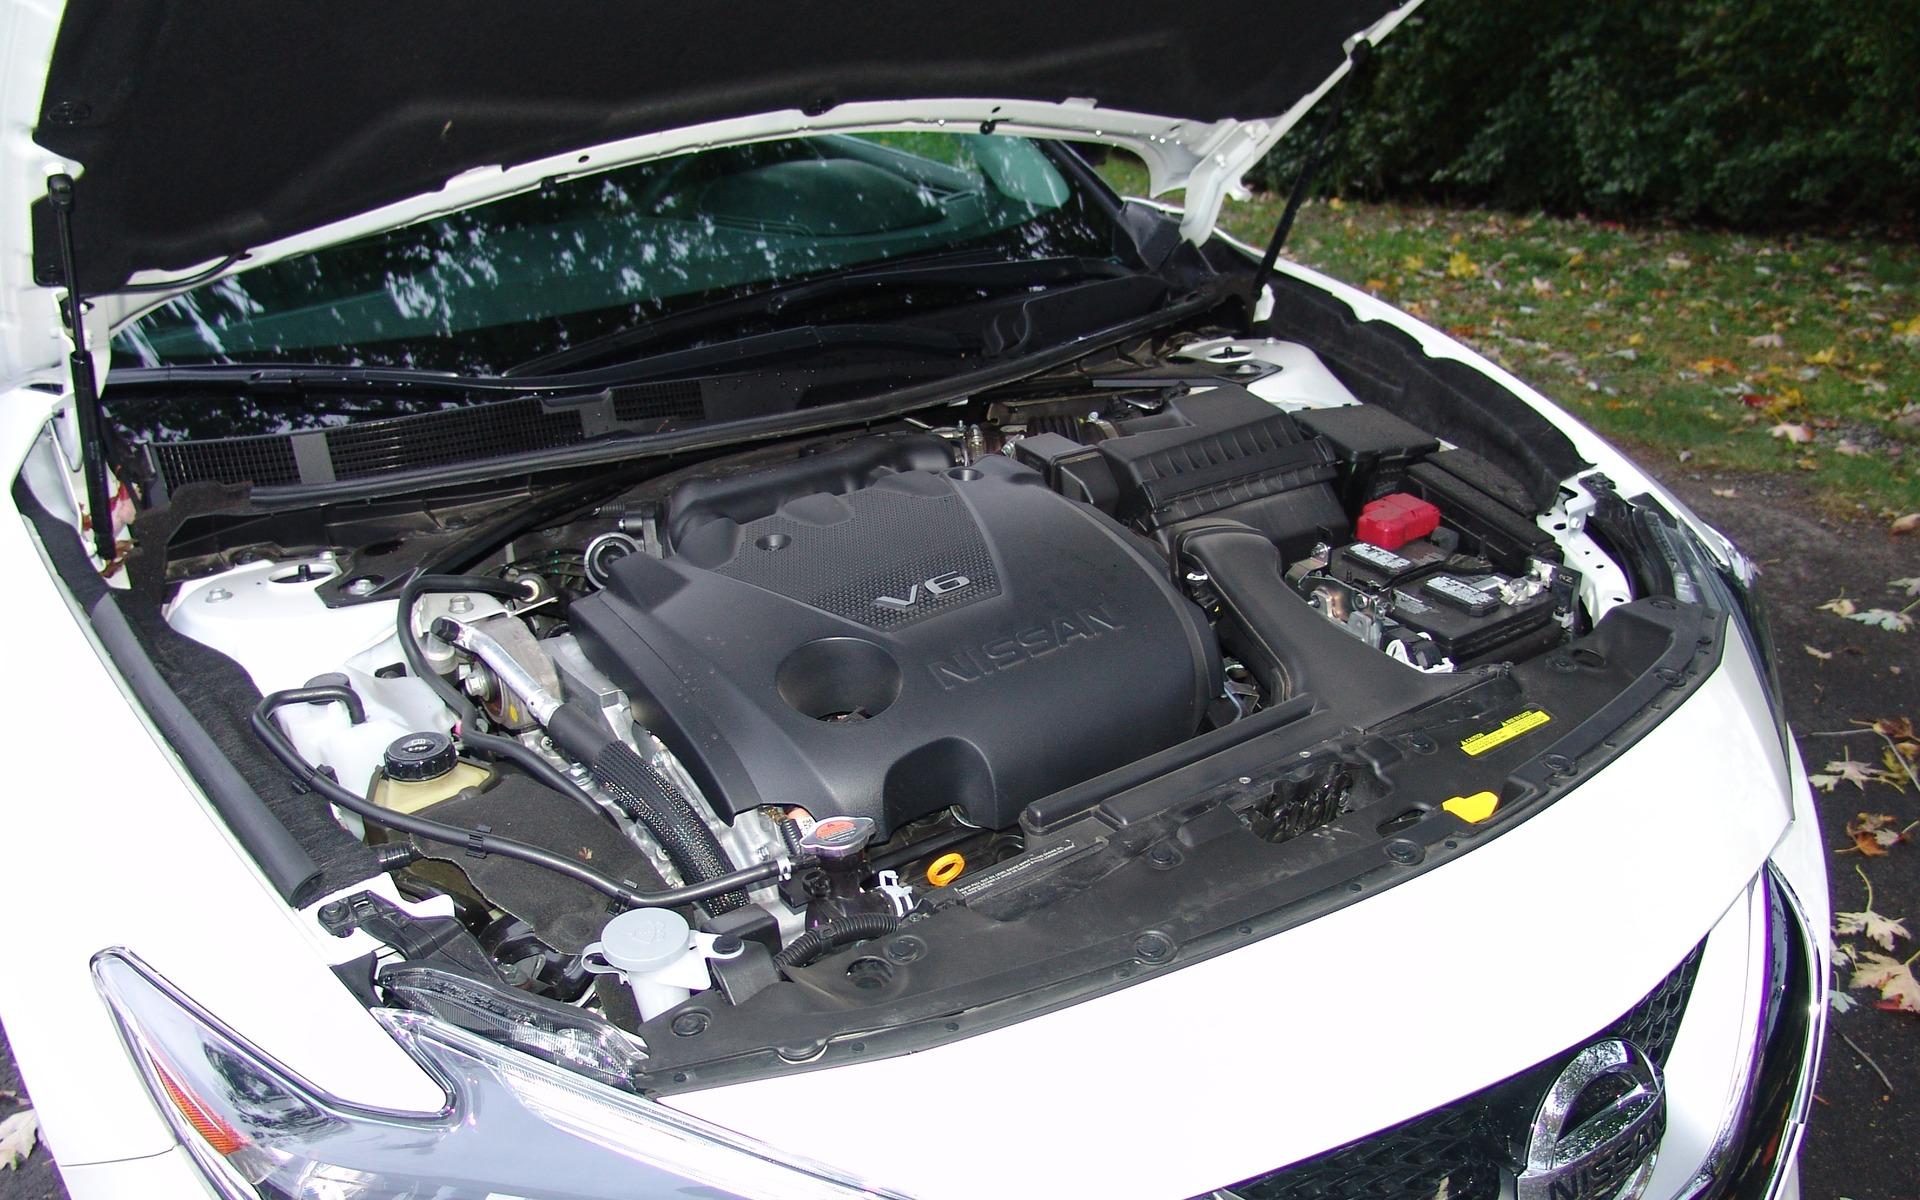 Ce V6 de 3,5 litres développe 300 chevaux et 261 livres-pied de couple.